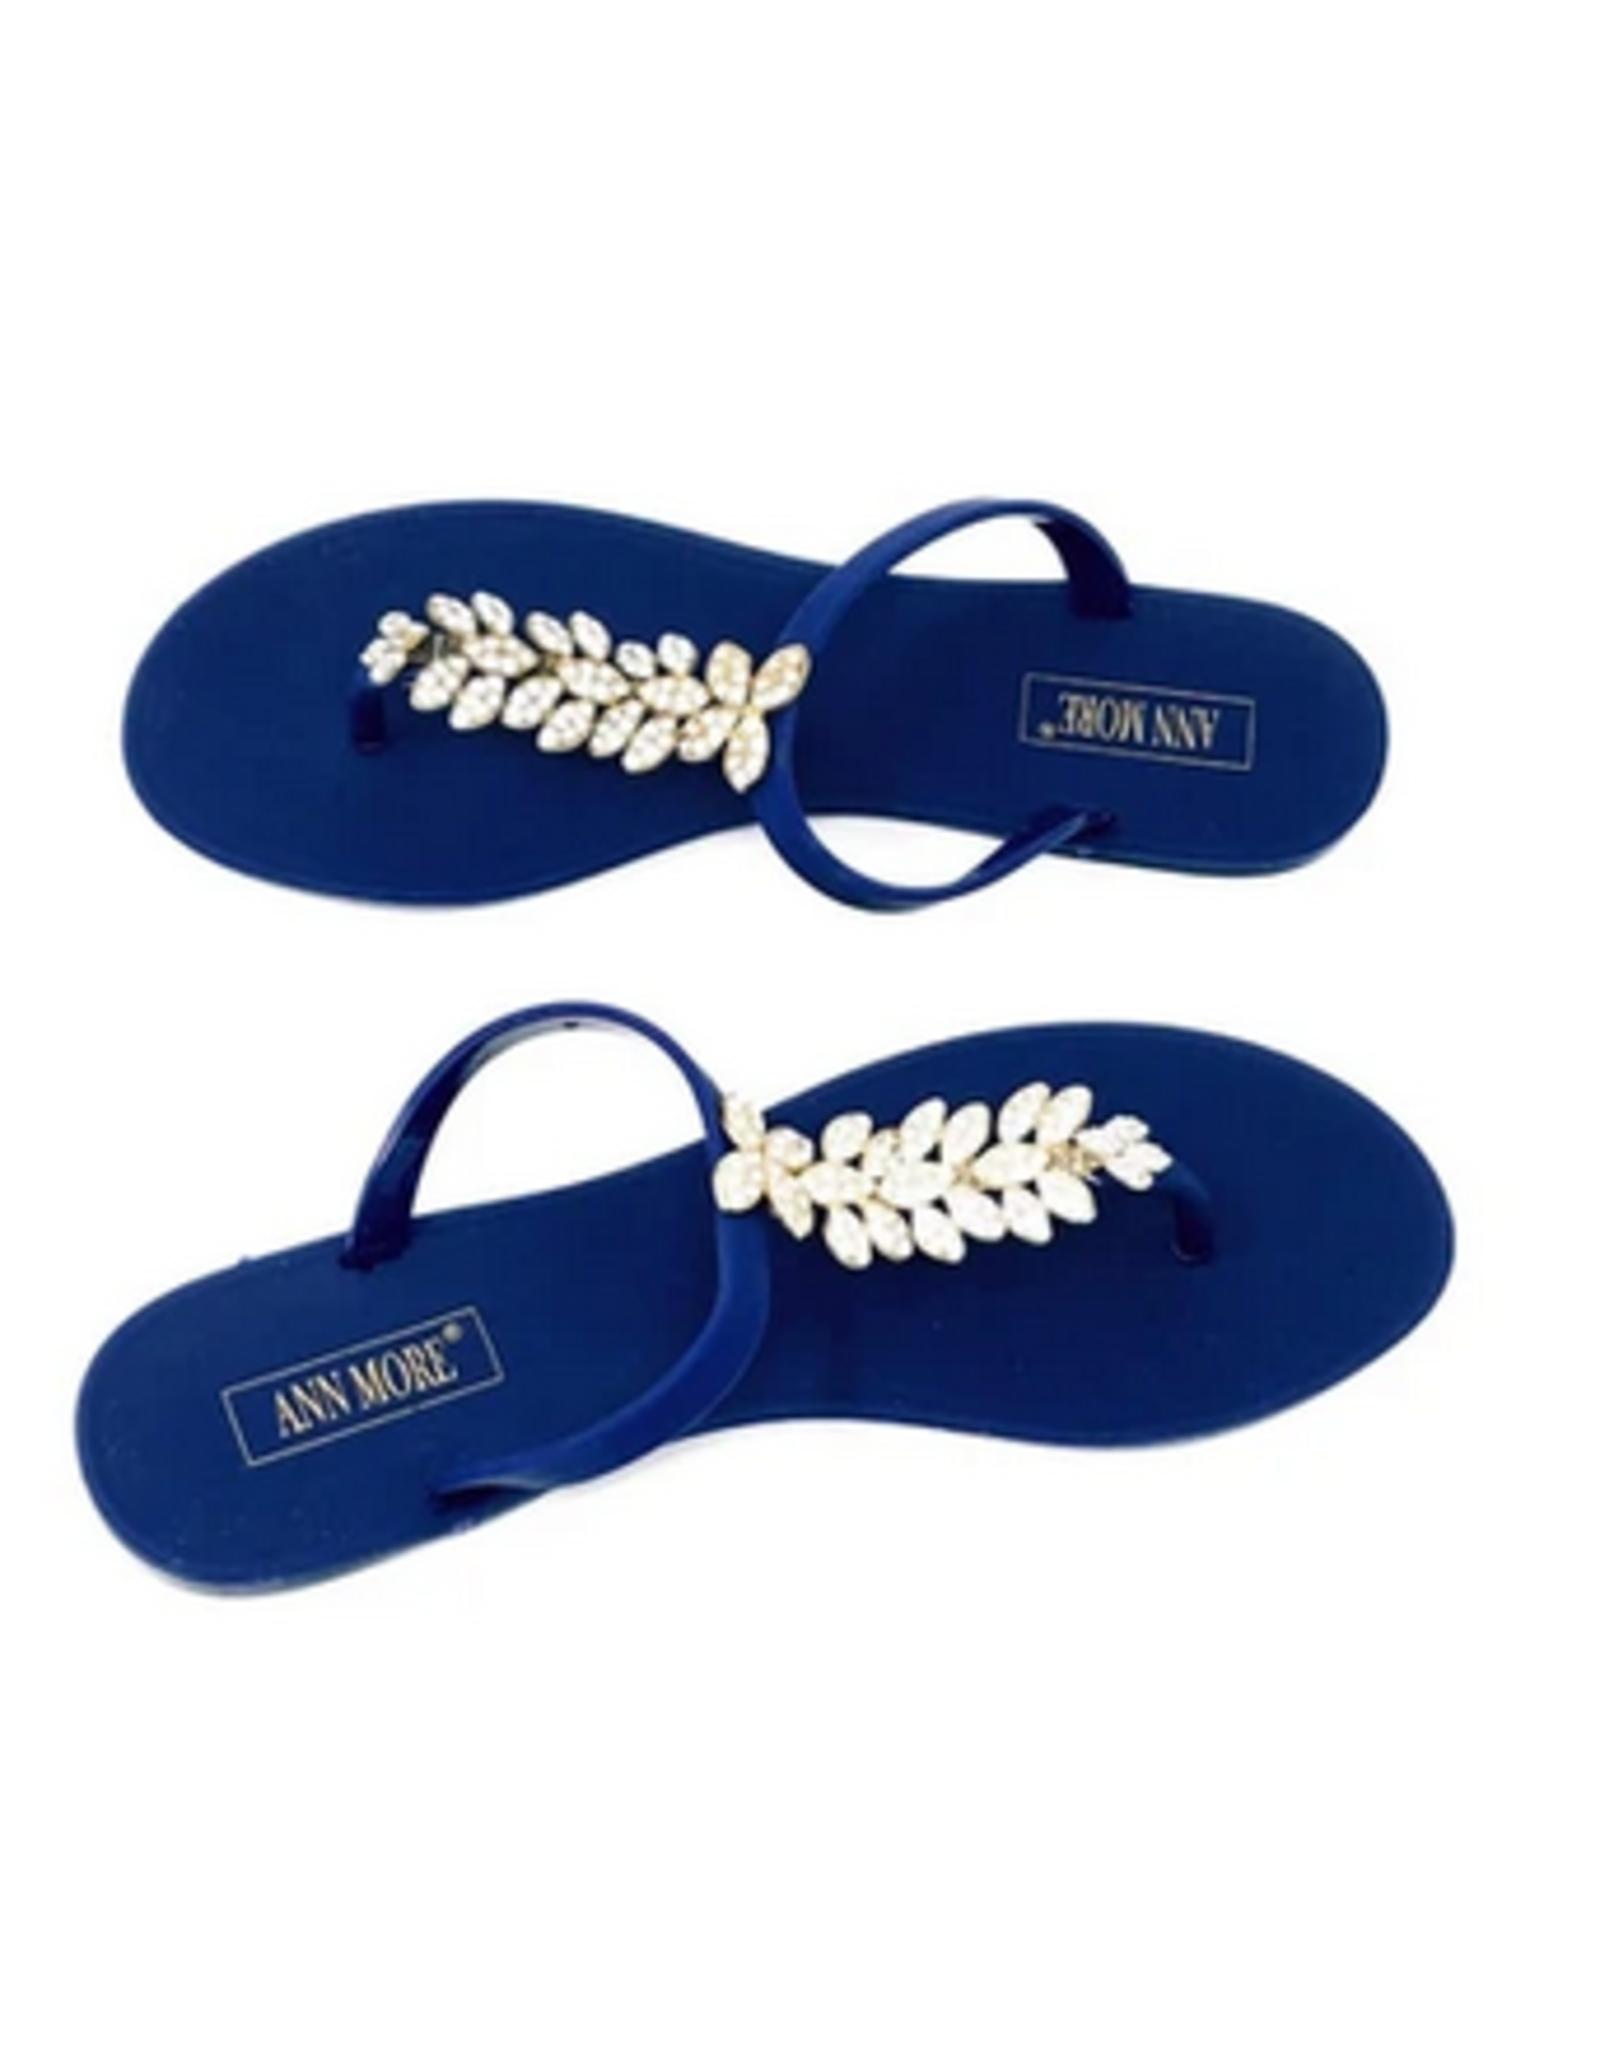 Don't Leaf Me Sandals Blue